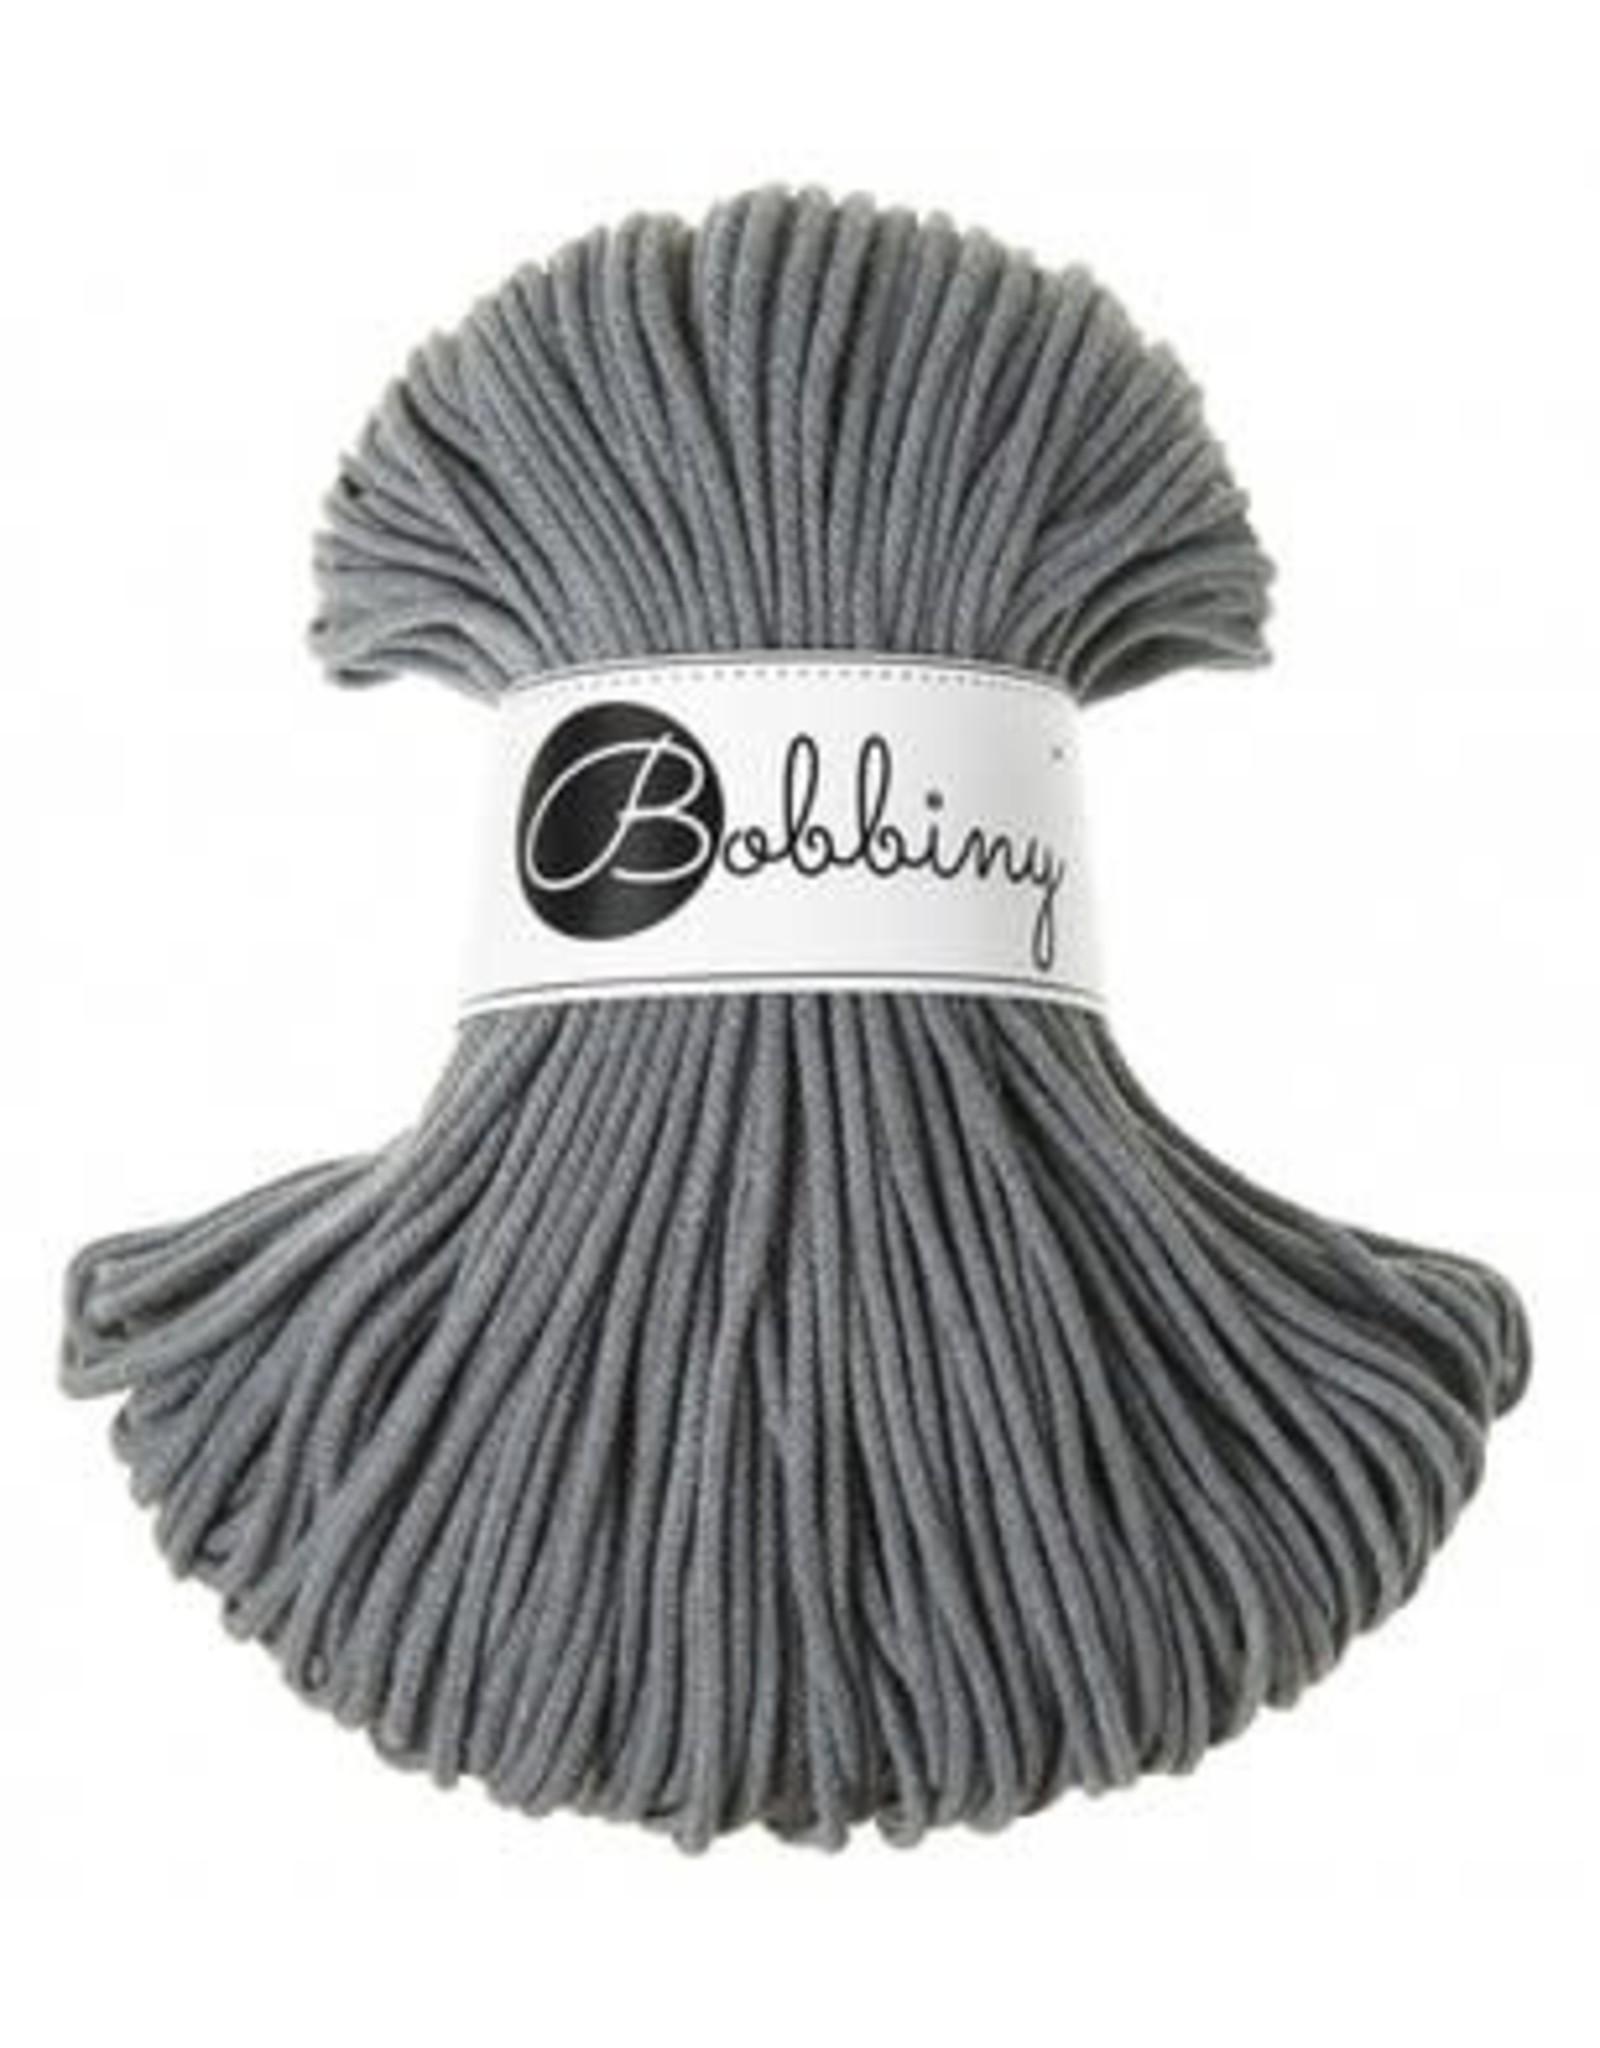 Bobbiny Bobbiny - Junior 3MM Steel